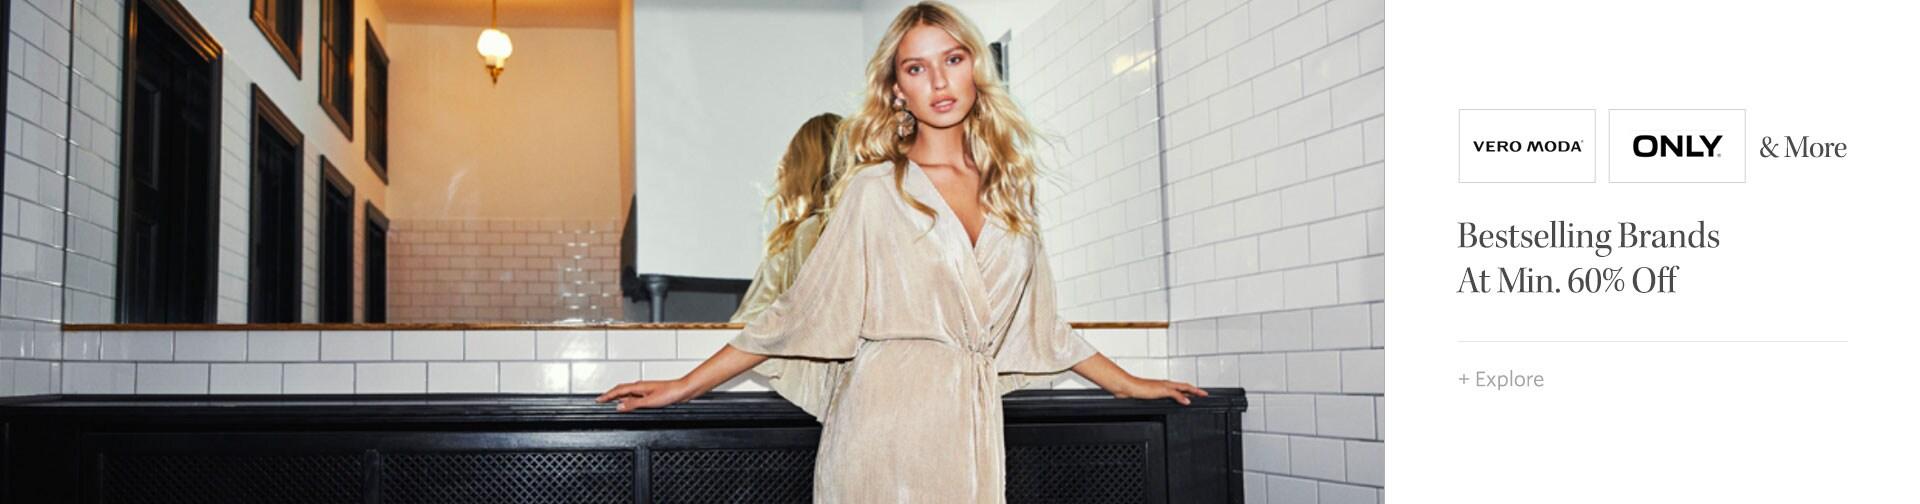 myntra.com - Get Flat 60% OFF on Women's Fashion Apparel